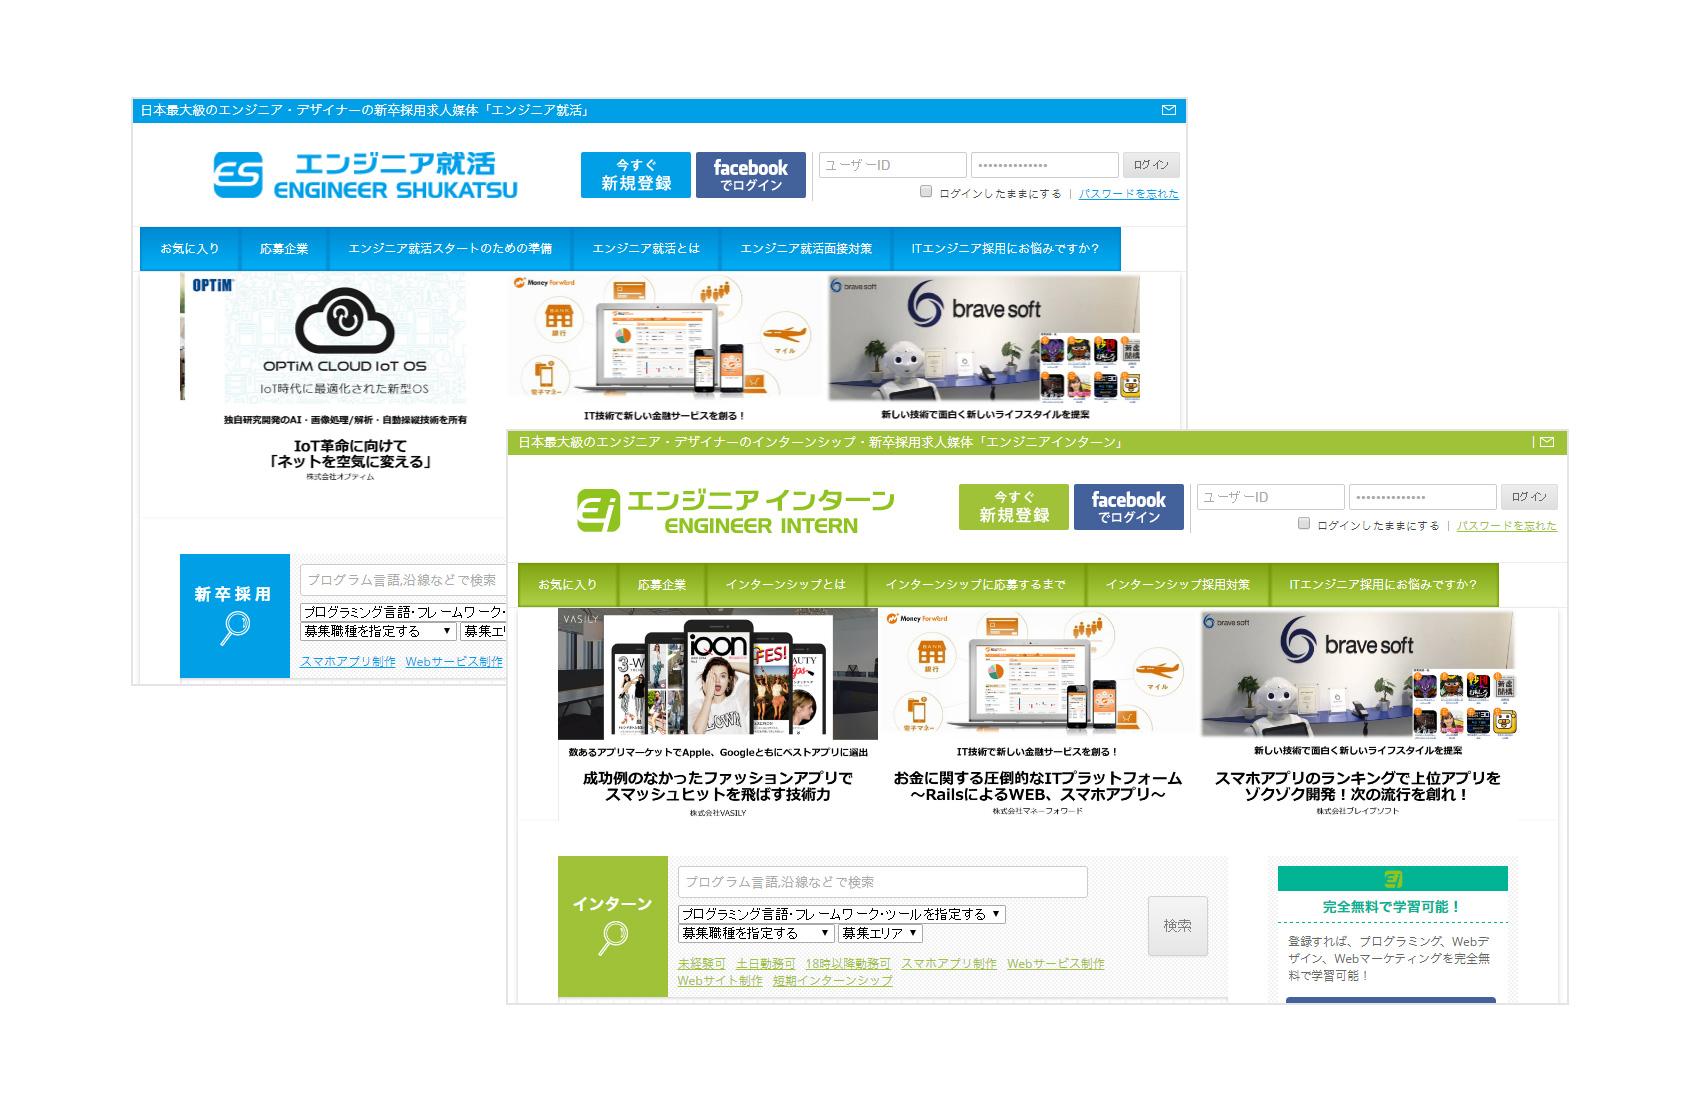 学生ITエンジニアに特化した就活サイト「エンジニアインターン」「エンジニア就活」の事業買収について